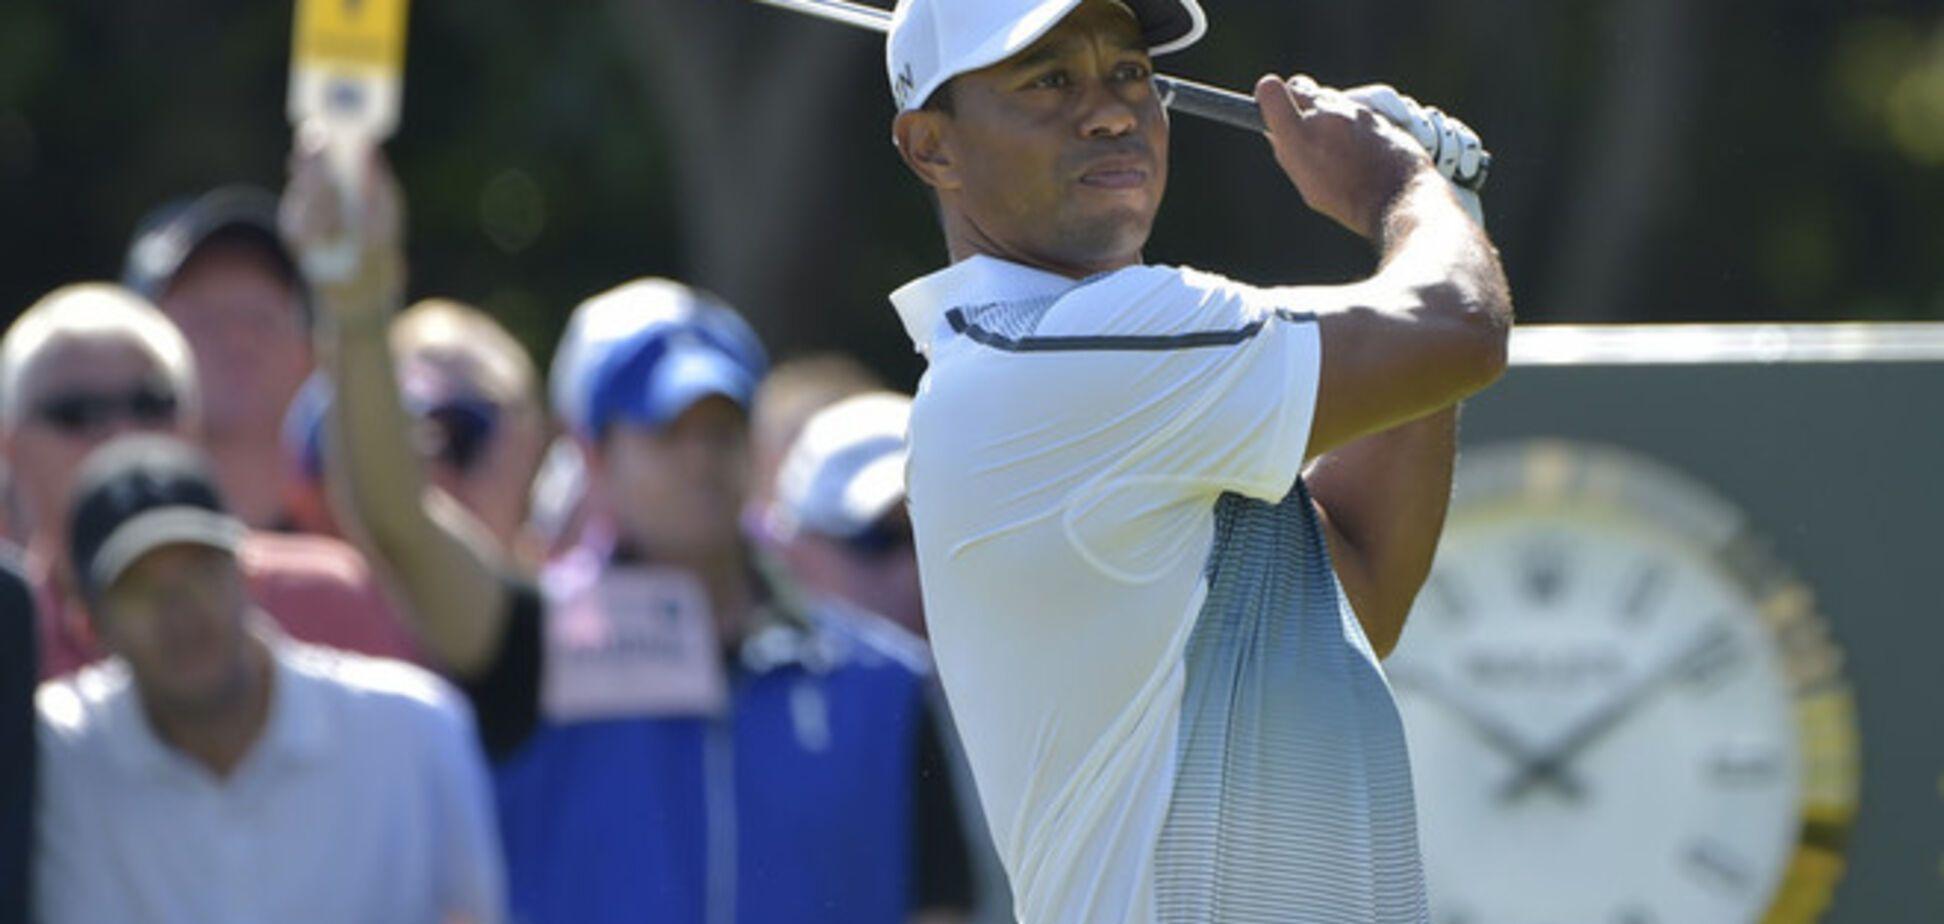 Лучший гольфист планеты попал мячом в голову волонтера